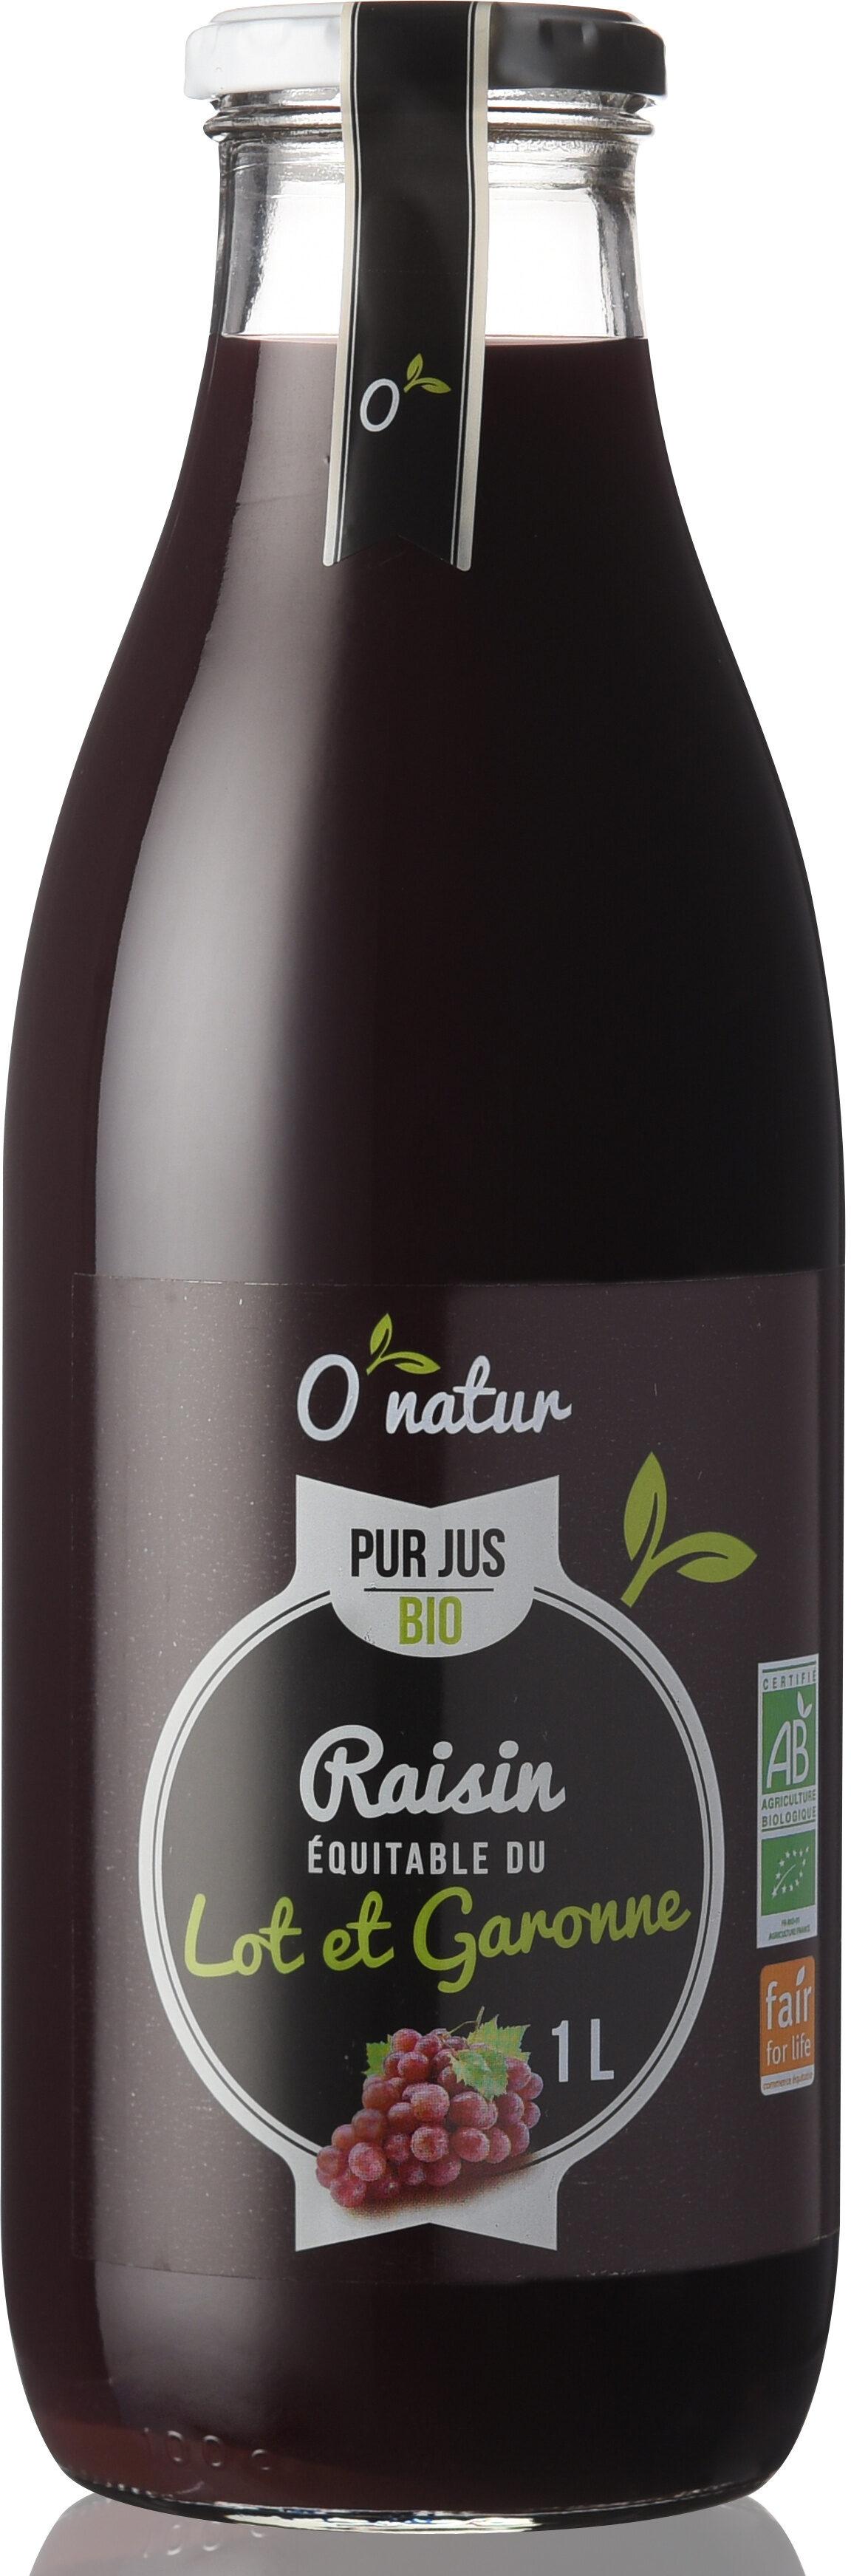 Pur Jus de Raisin du Lot et Garonne Bio Equitable - Prodotto - fr